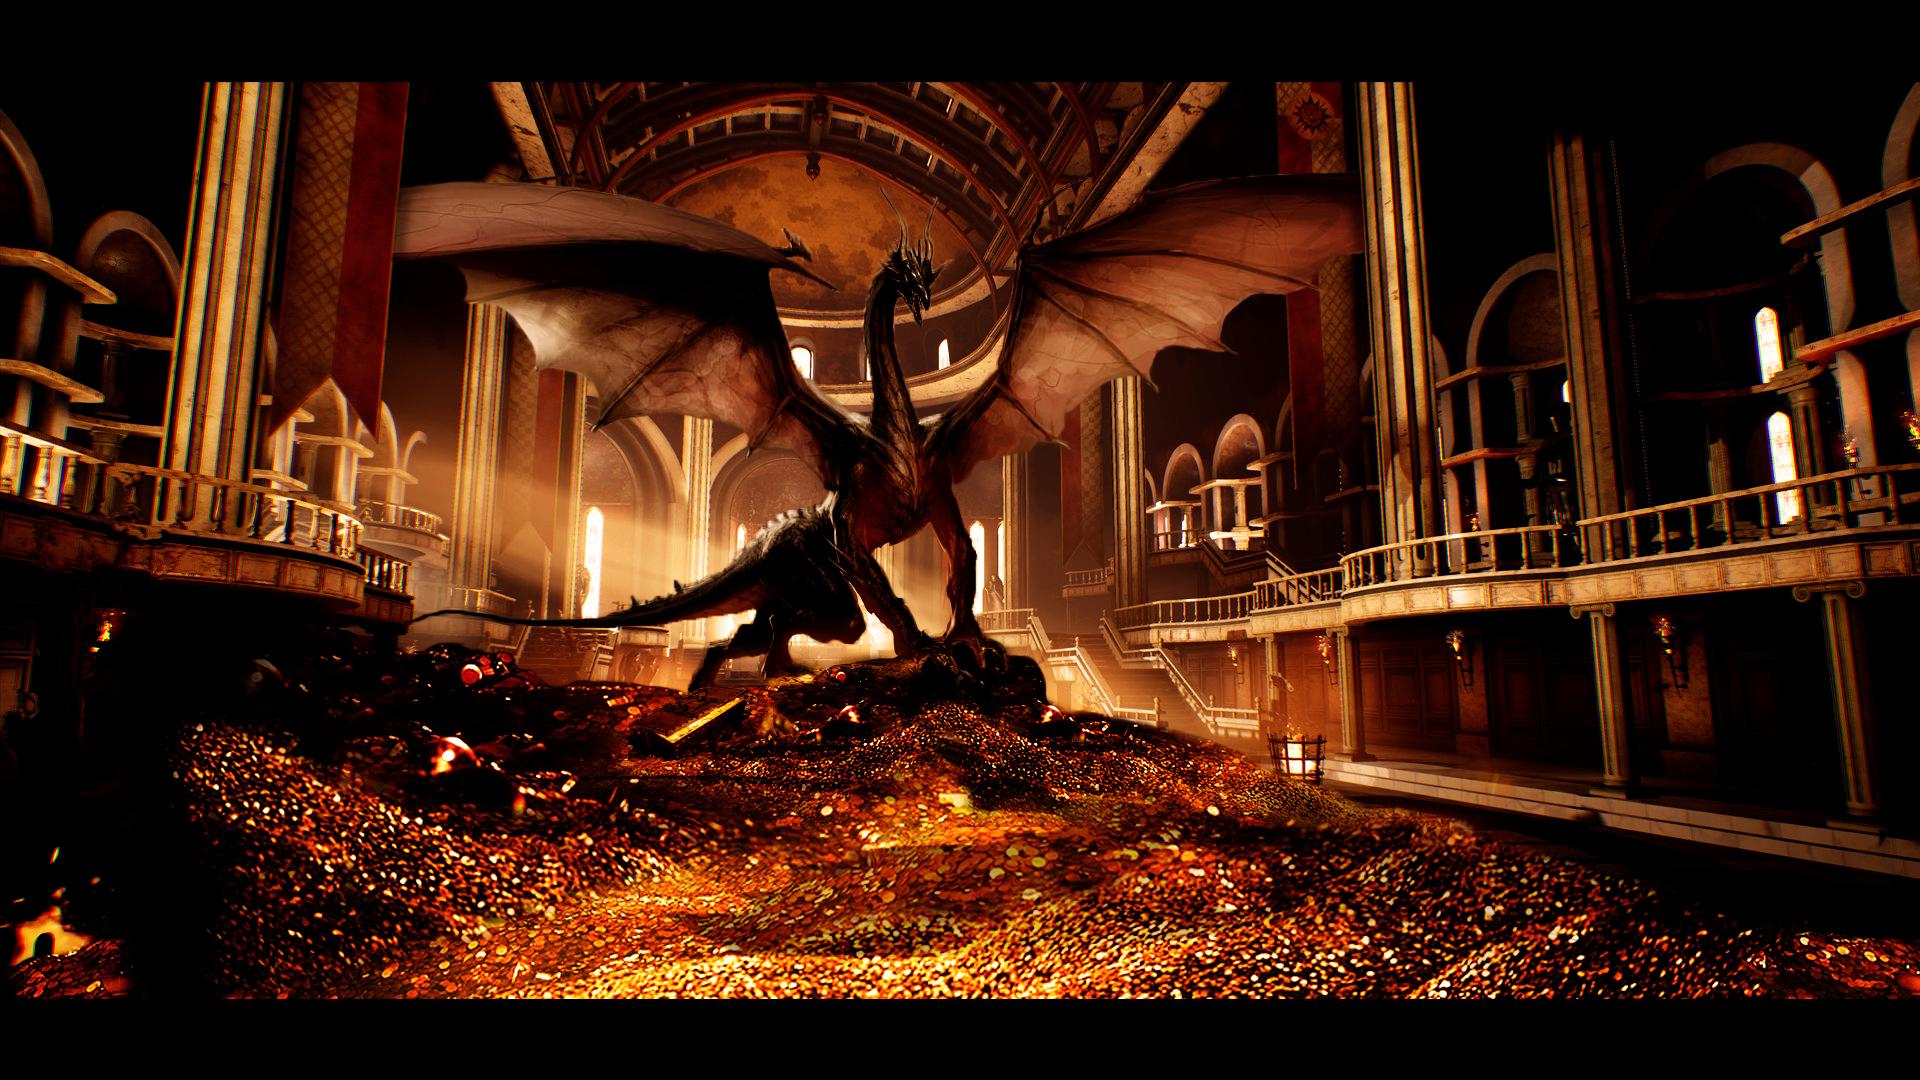 дракон клад картинки